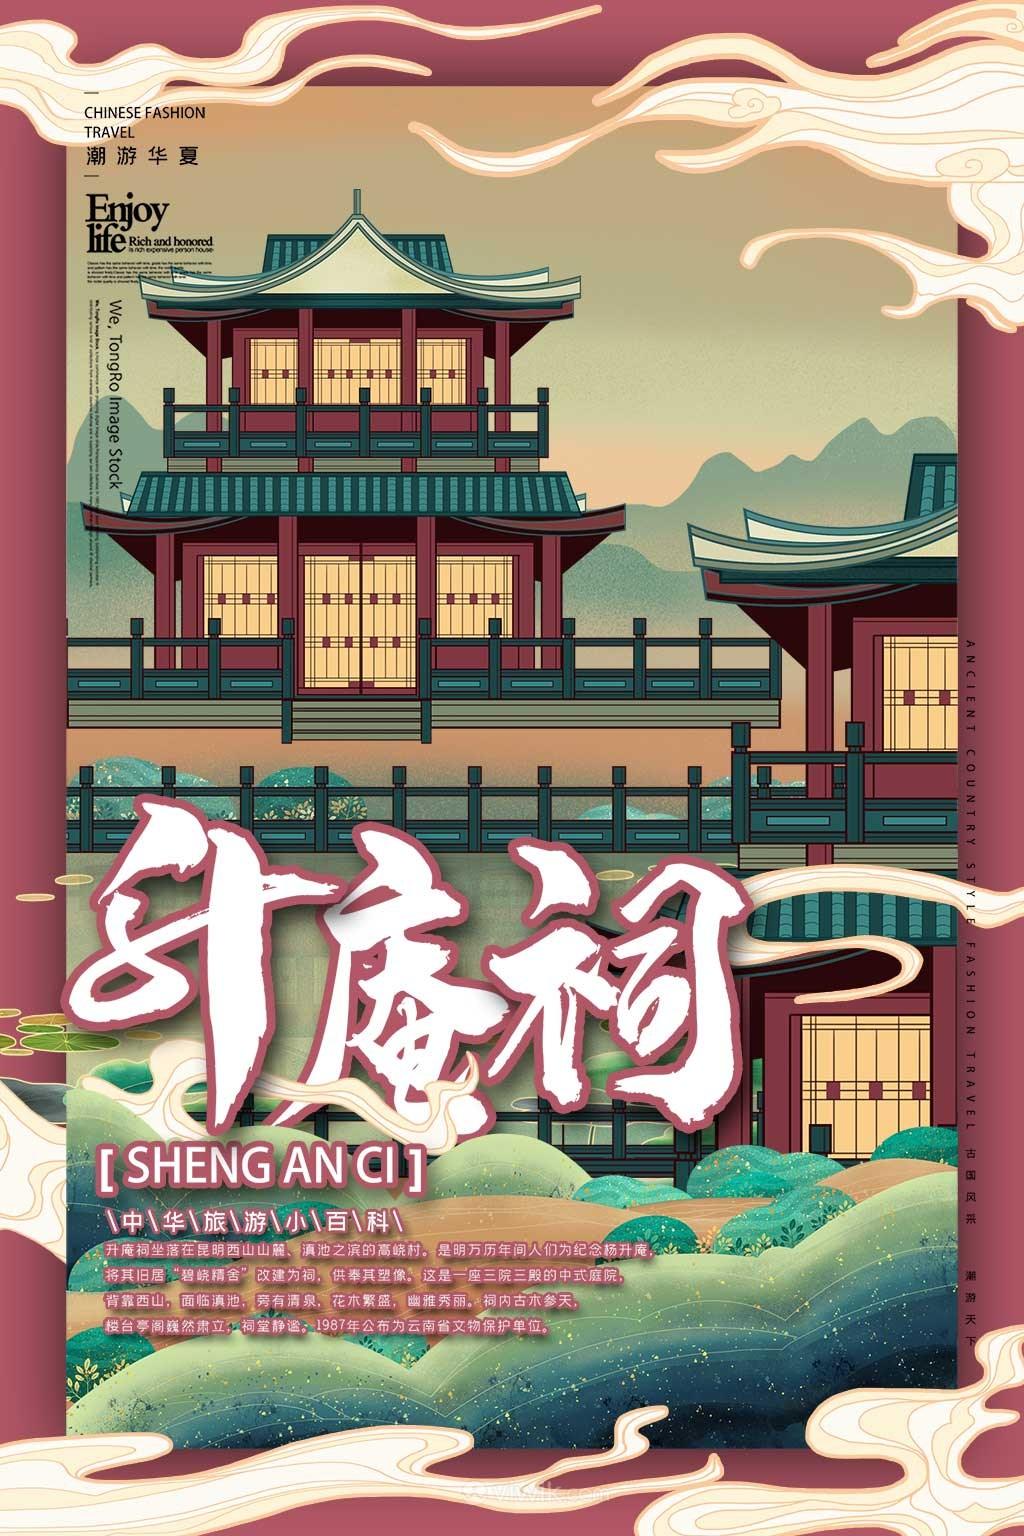 中國城市潮旅游昆明升庵祠手繪海報素材